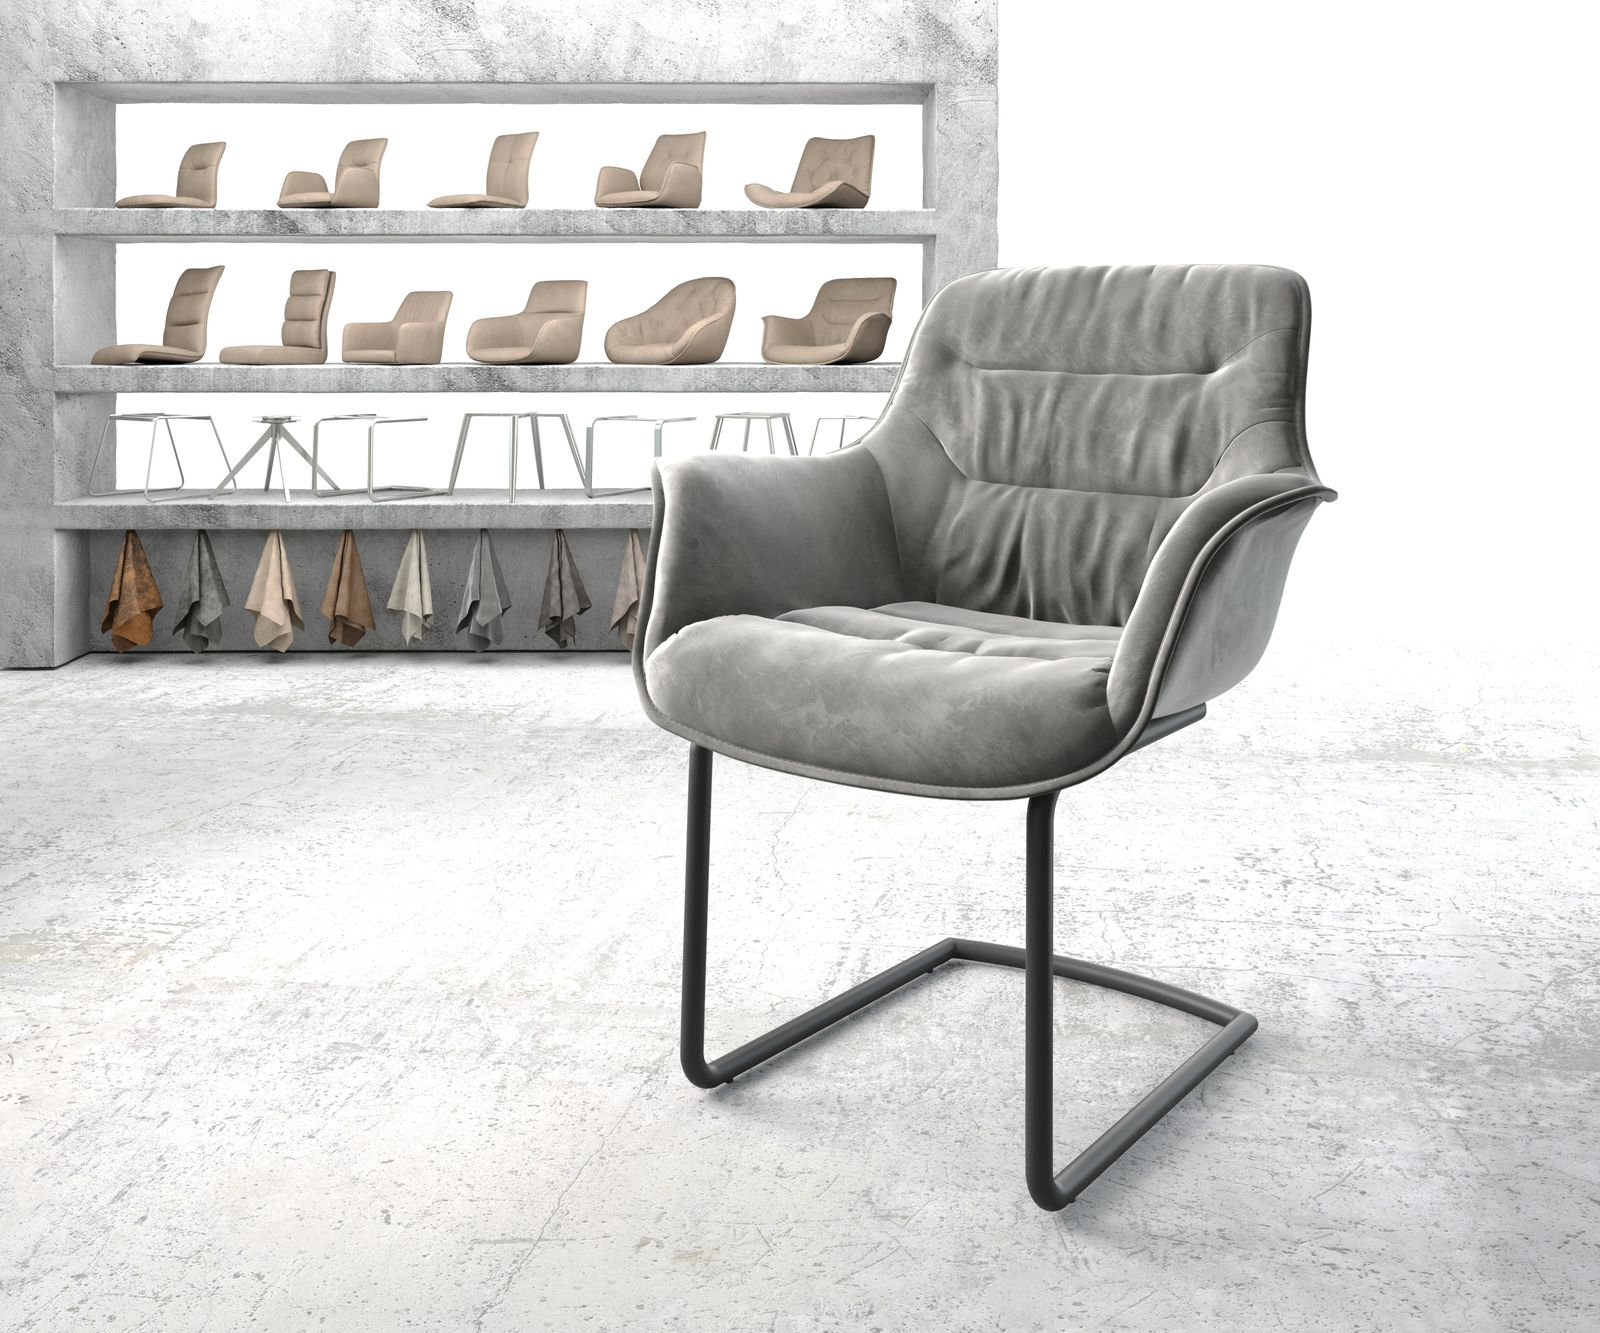 delife-armlehnstuhl-kaira-flex-grau-samt-freischwinger-rund-schwarz-esszimmerstuhle